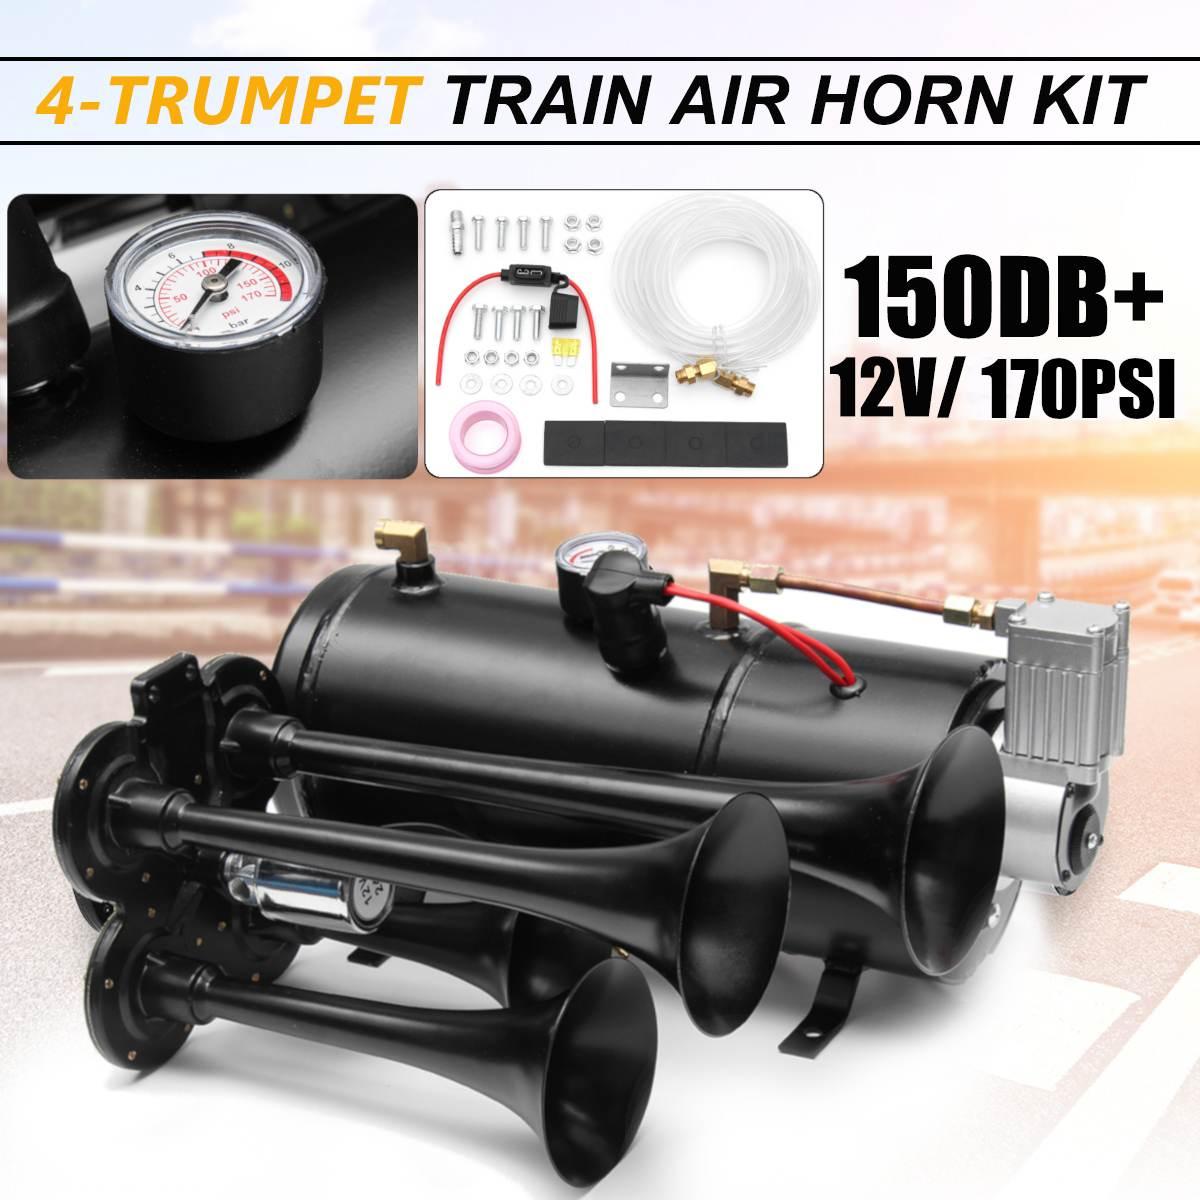 Caminhão trem quad 4 trompete chifre de ar kit preto 170 psi 12 v 3 litros compressor & casa 150db